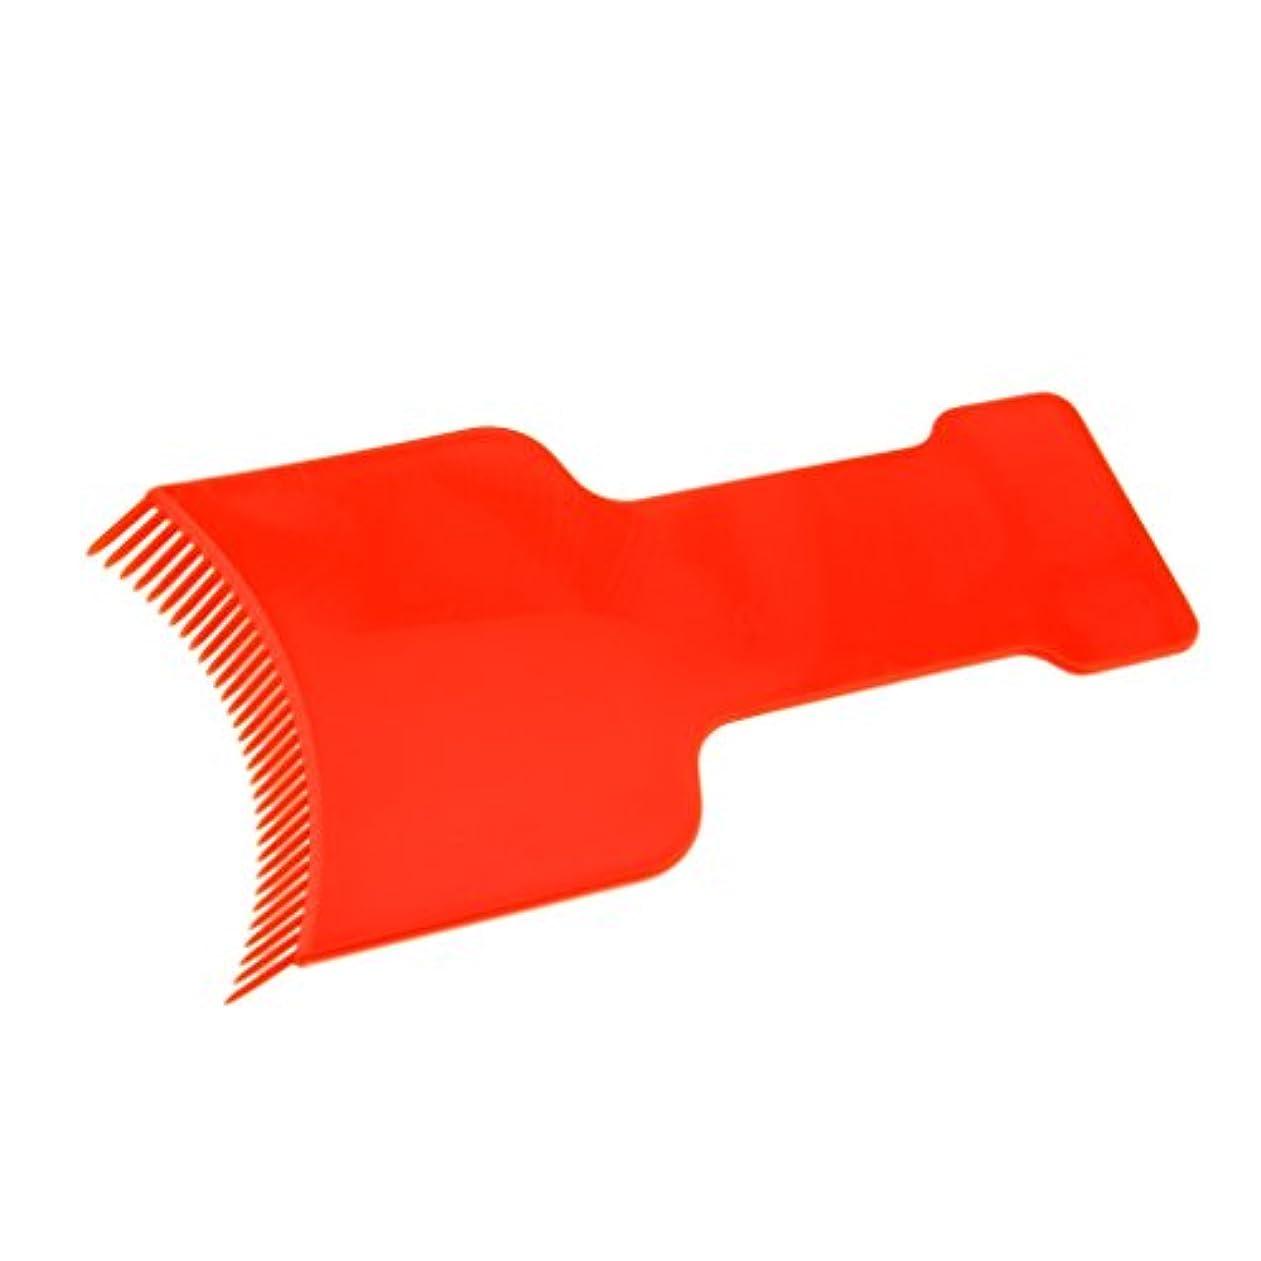 投げる活発害虫染色ボード 染色櫛 プレート ヘアダイコーム ヘアダイブラシ ヘアカラーリング用品